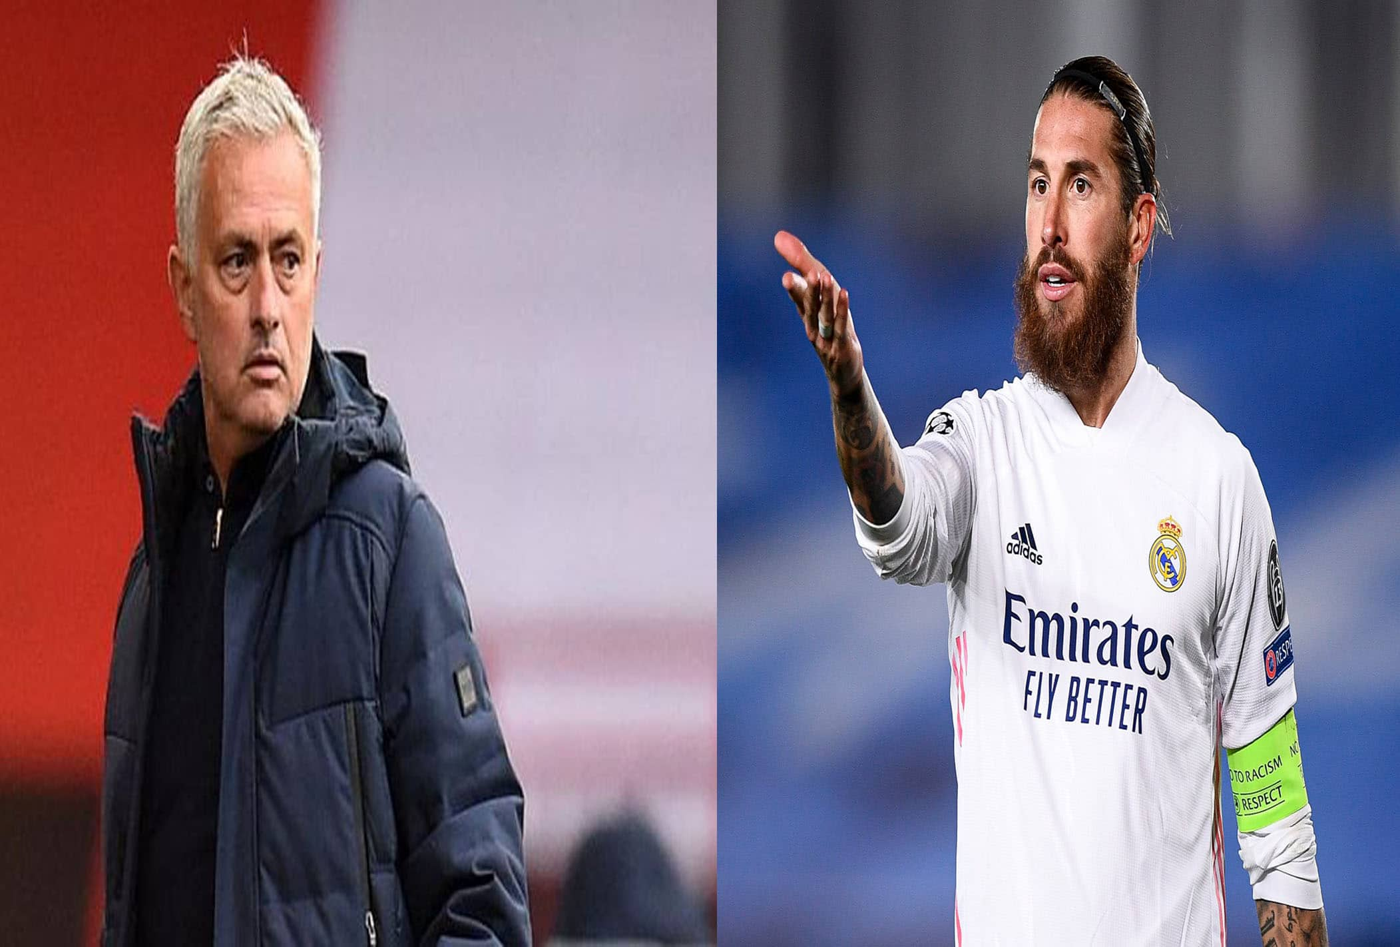 اللاعب الإسباني راموس والمدرب جوزيف مورينيو